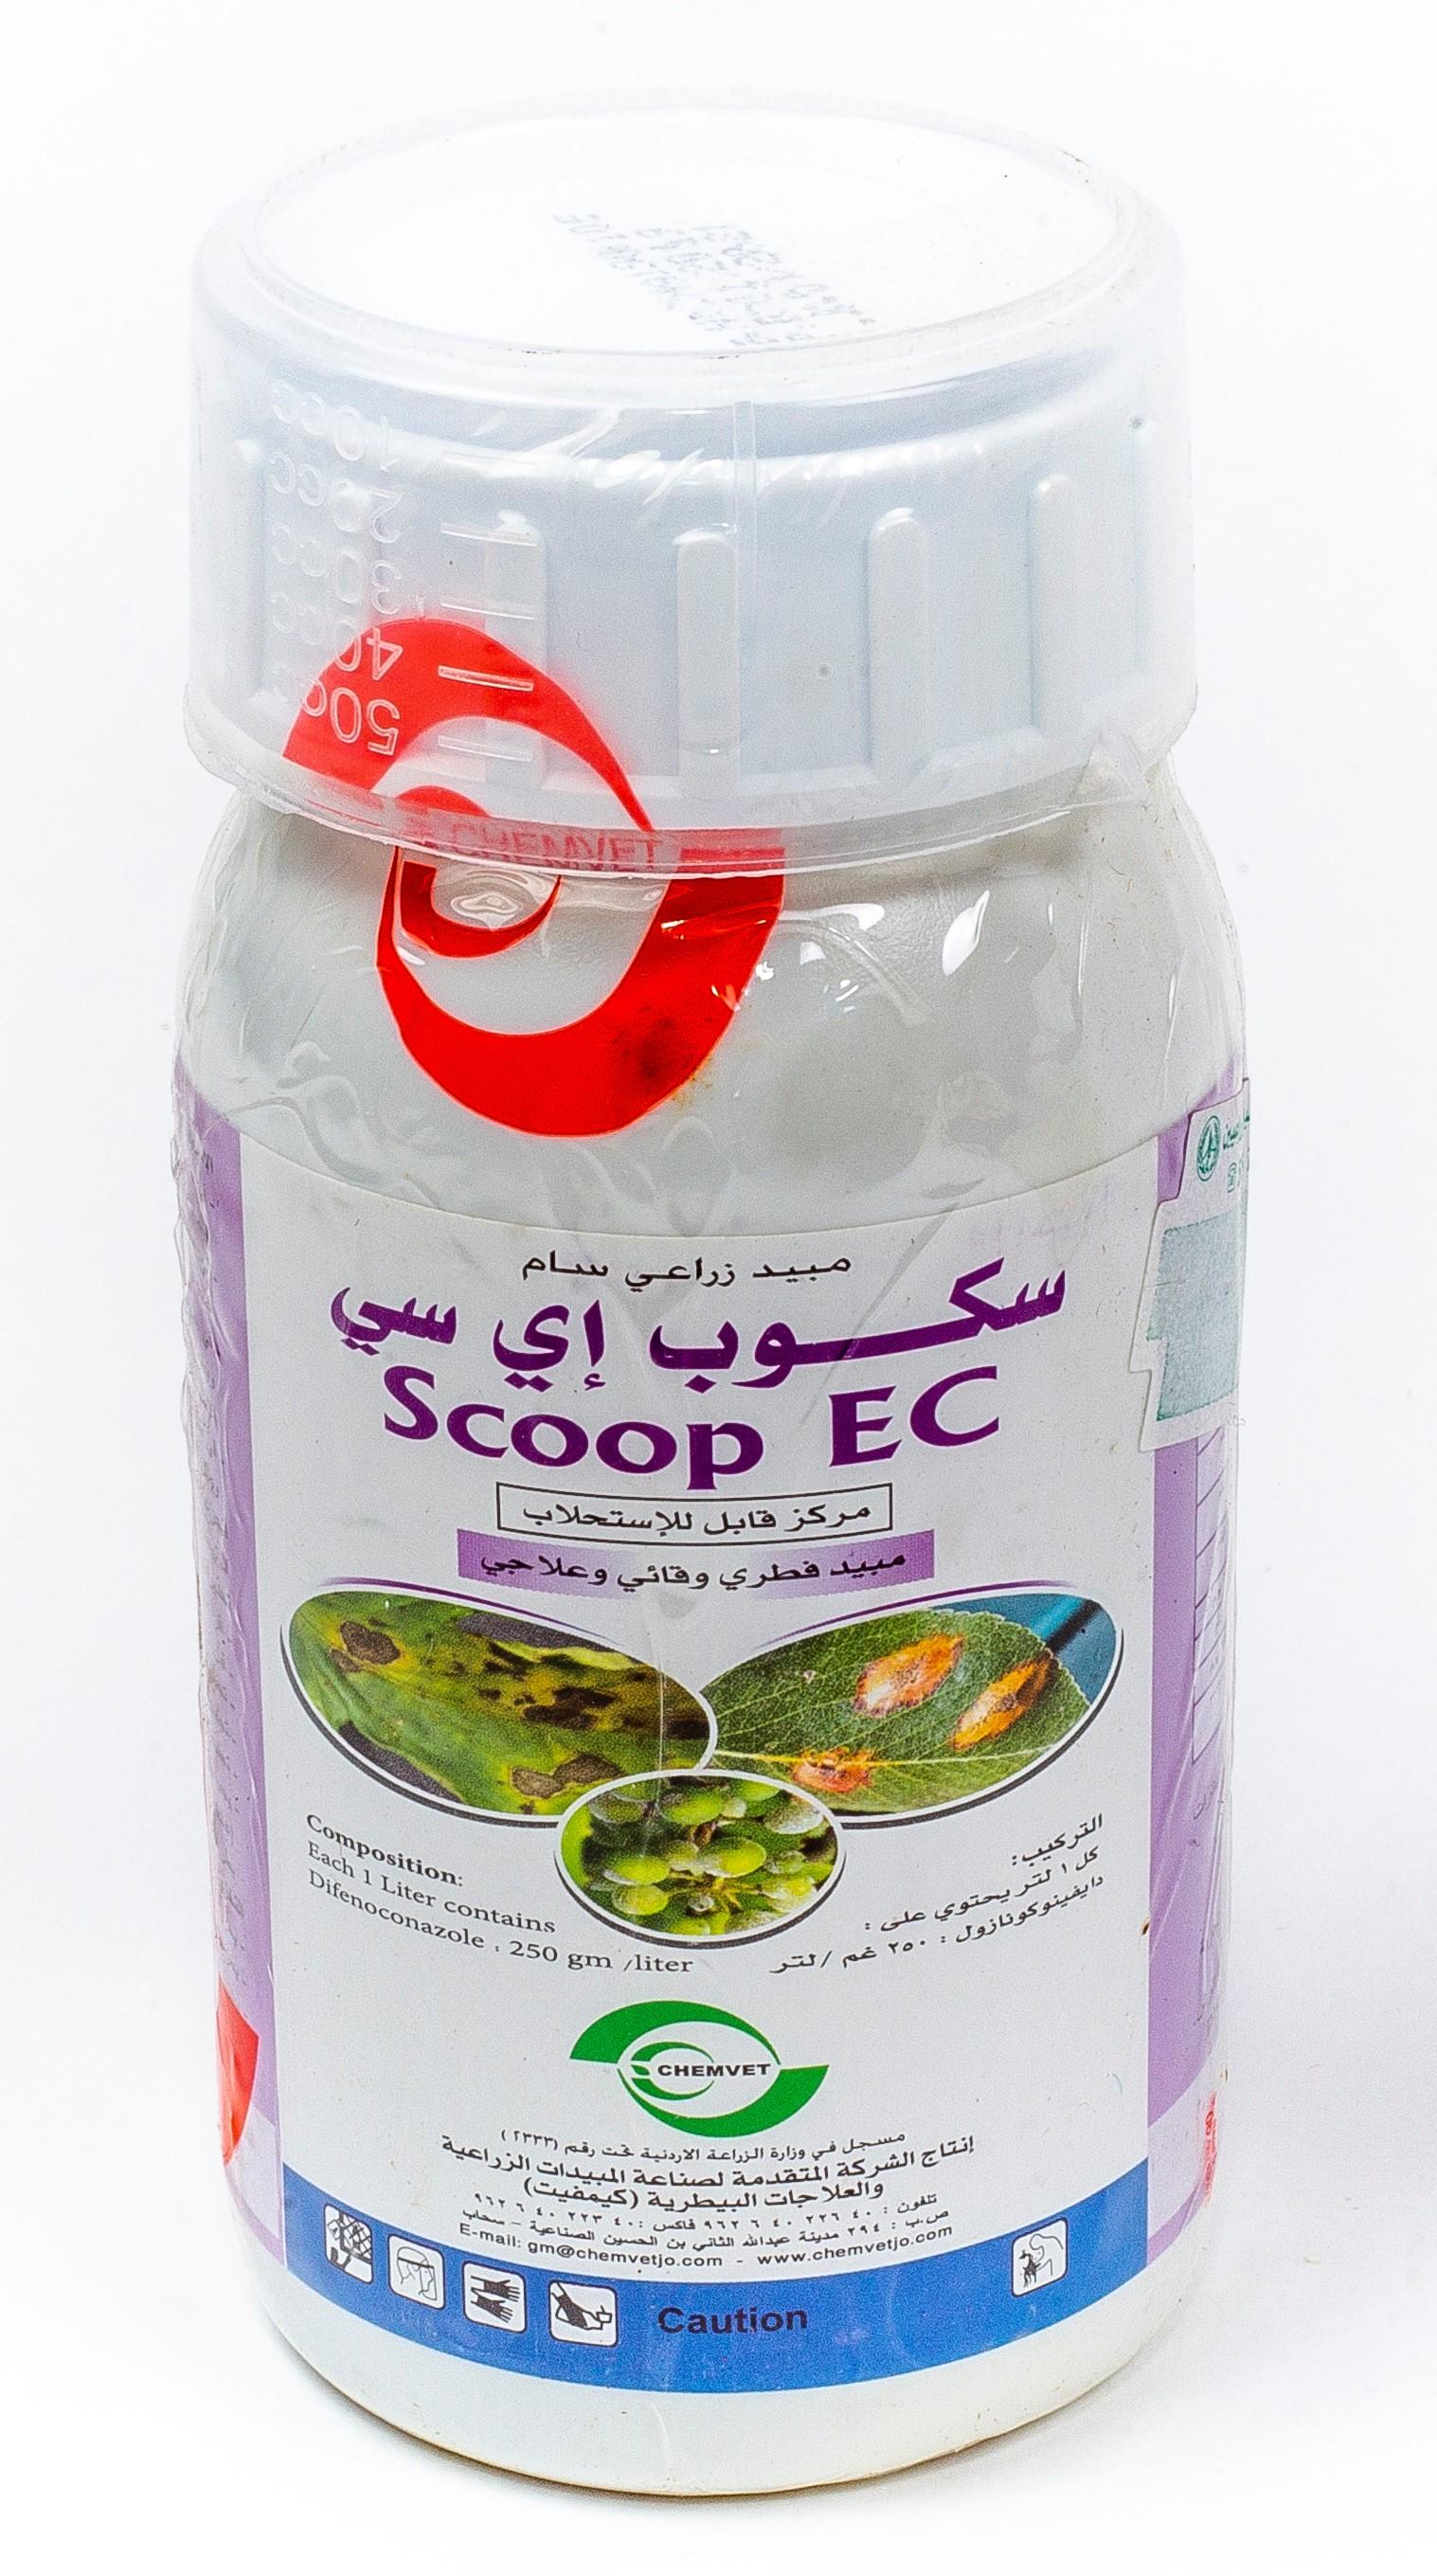 Scoop EC